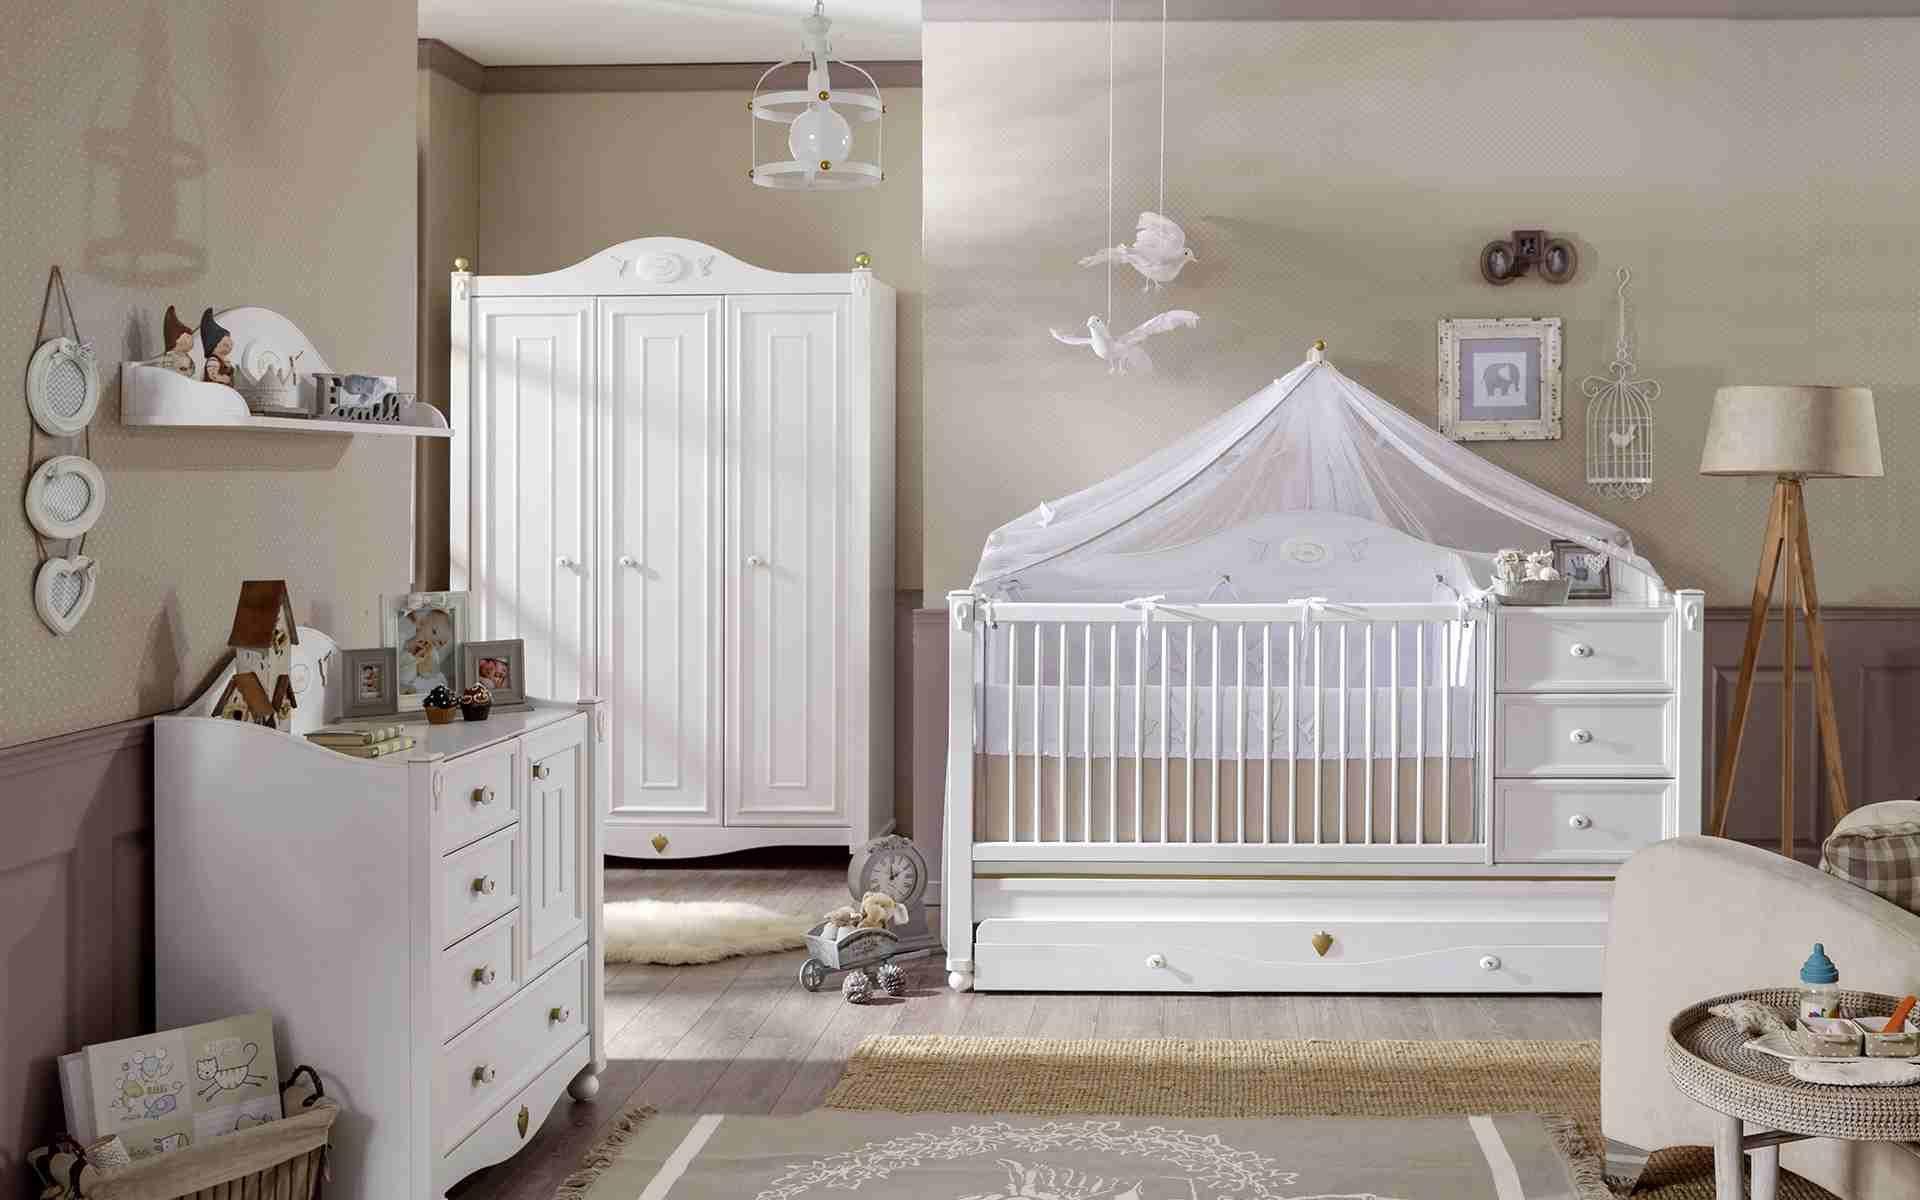 Décoration chambre bébé fille idée tapis sol | Deco chambre ...